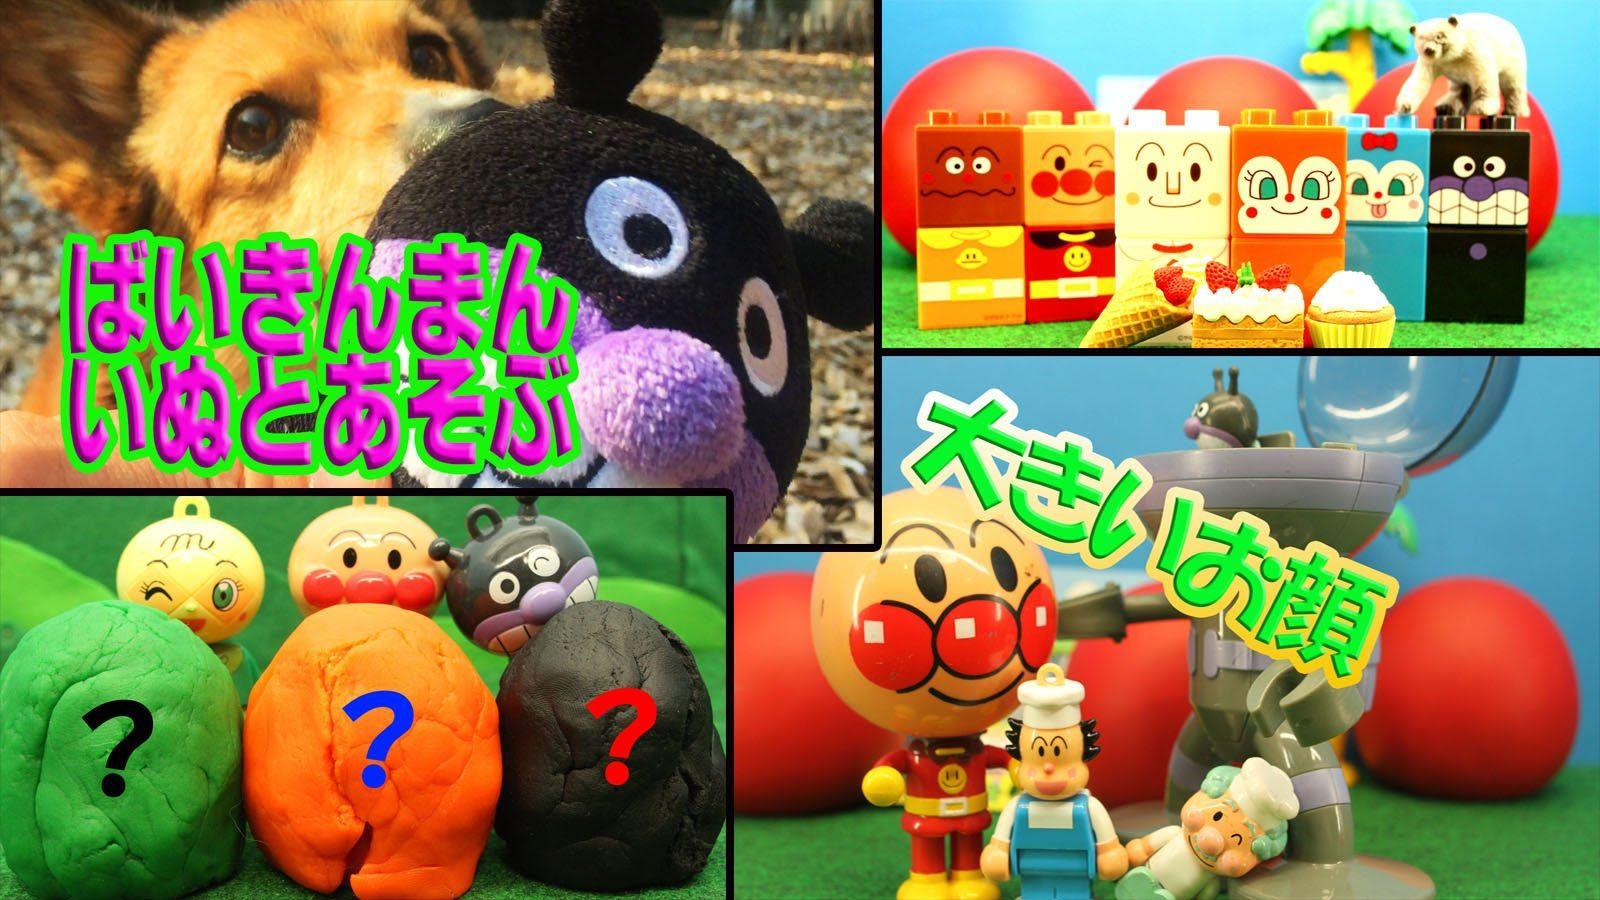 アンパンマン ミニトイズ アニメおもちゃ 人気動画まとめ連続 anpanman toys アニメ アンパンマン アニメ おもちゃ